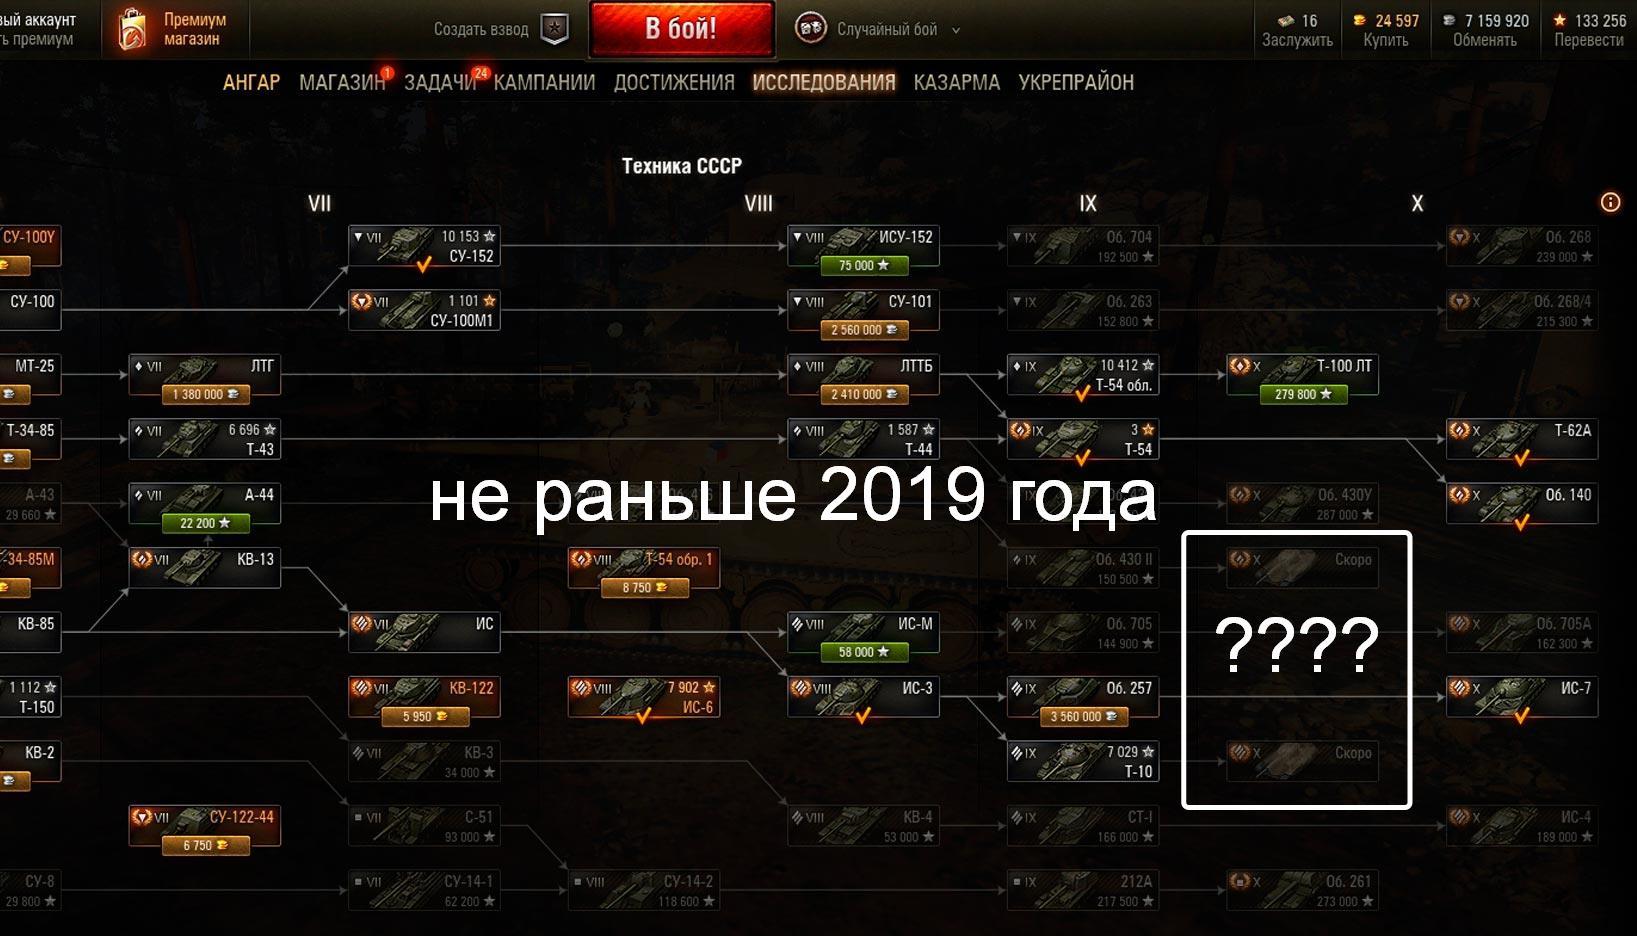 Когда увидимся Топов СССР?